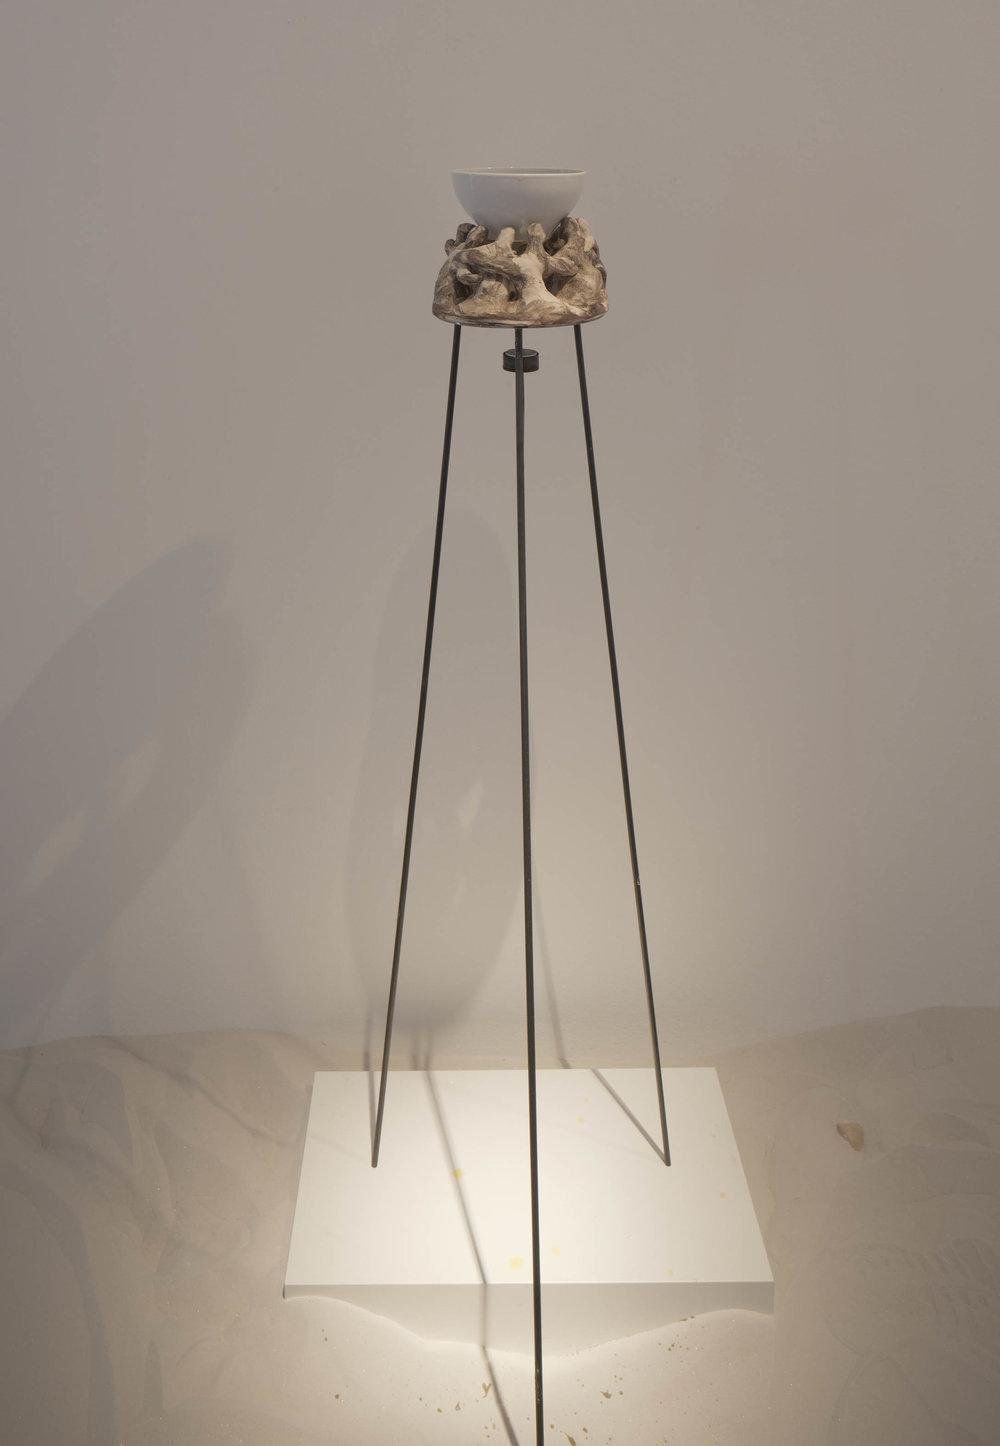 Zusammen , 2013  146 x 60 x 60 cm  Zweiter Teil einer mehrteiligen Arbeit  Keramik, Batik, Teelicht, Stahl, Bleistift auf Papier